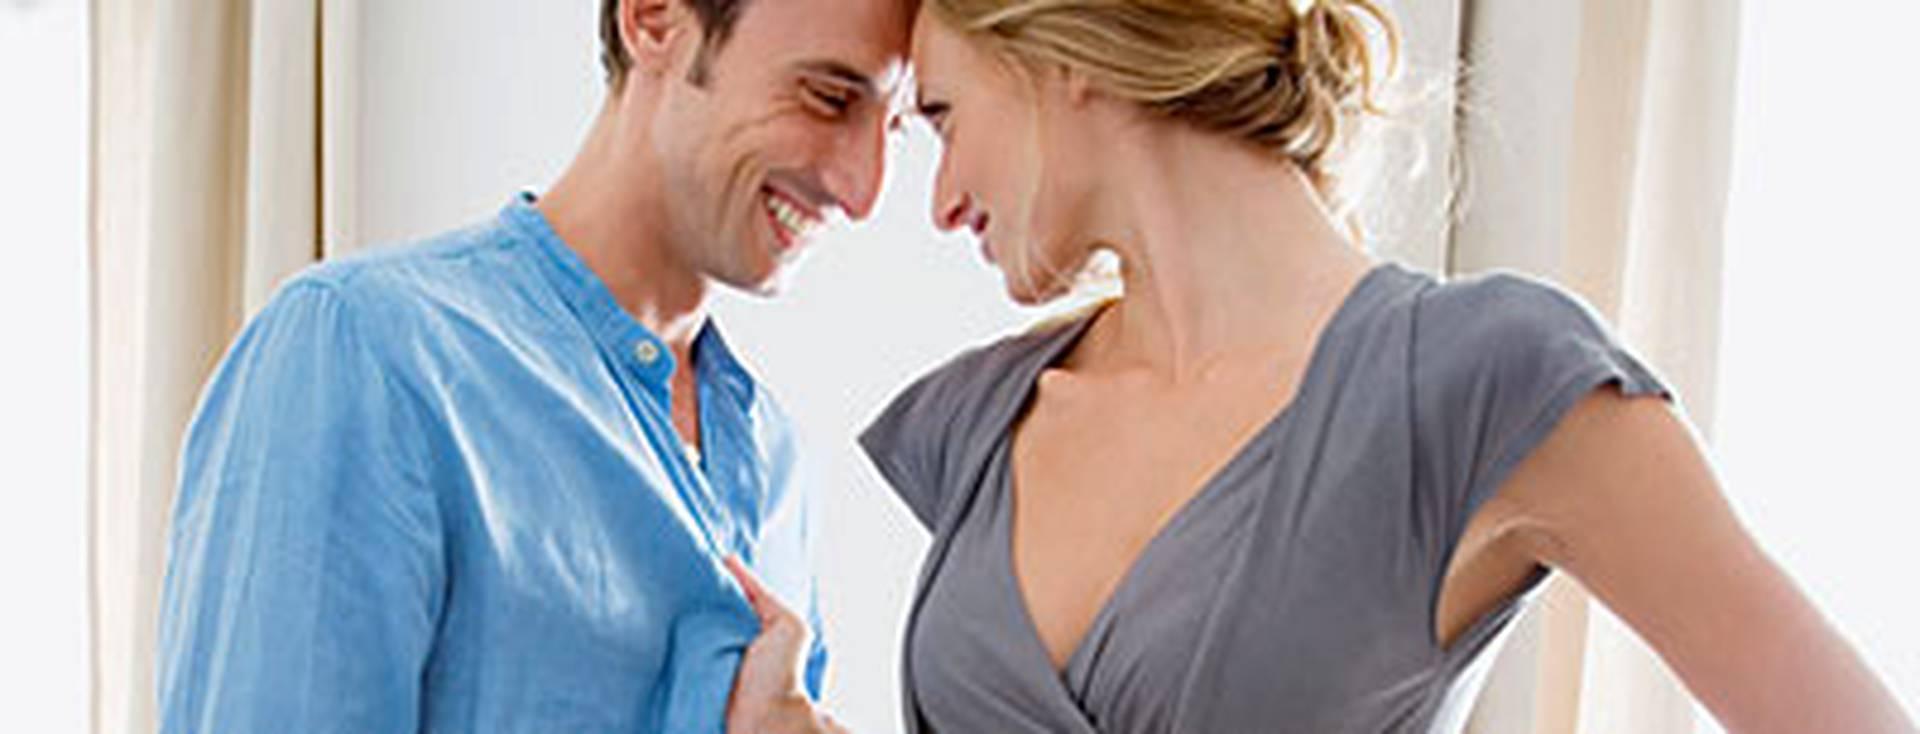 maksaa dating site online tarkistaa